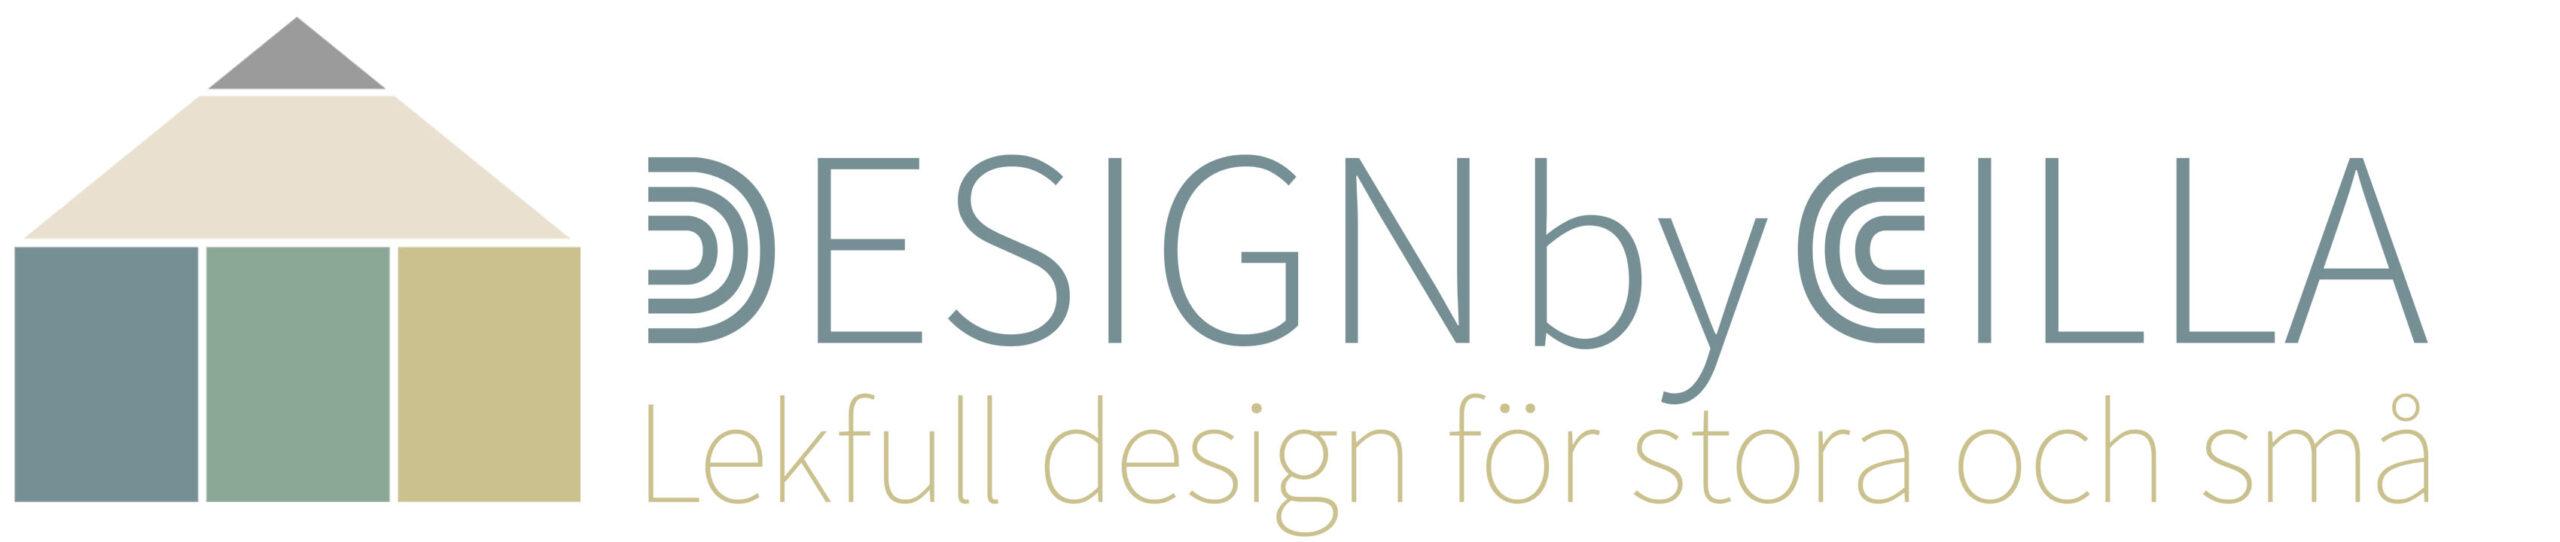 Design by Cilla